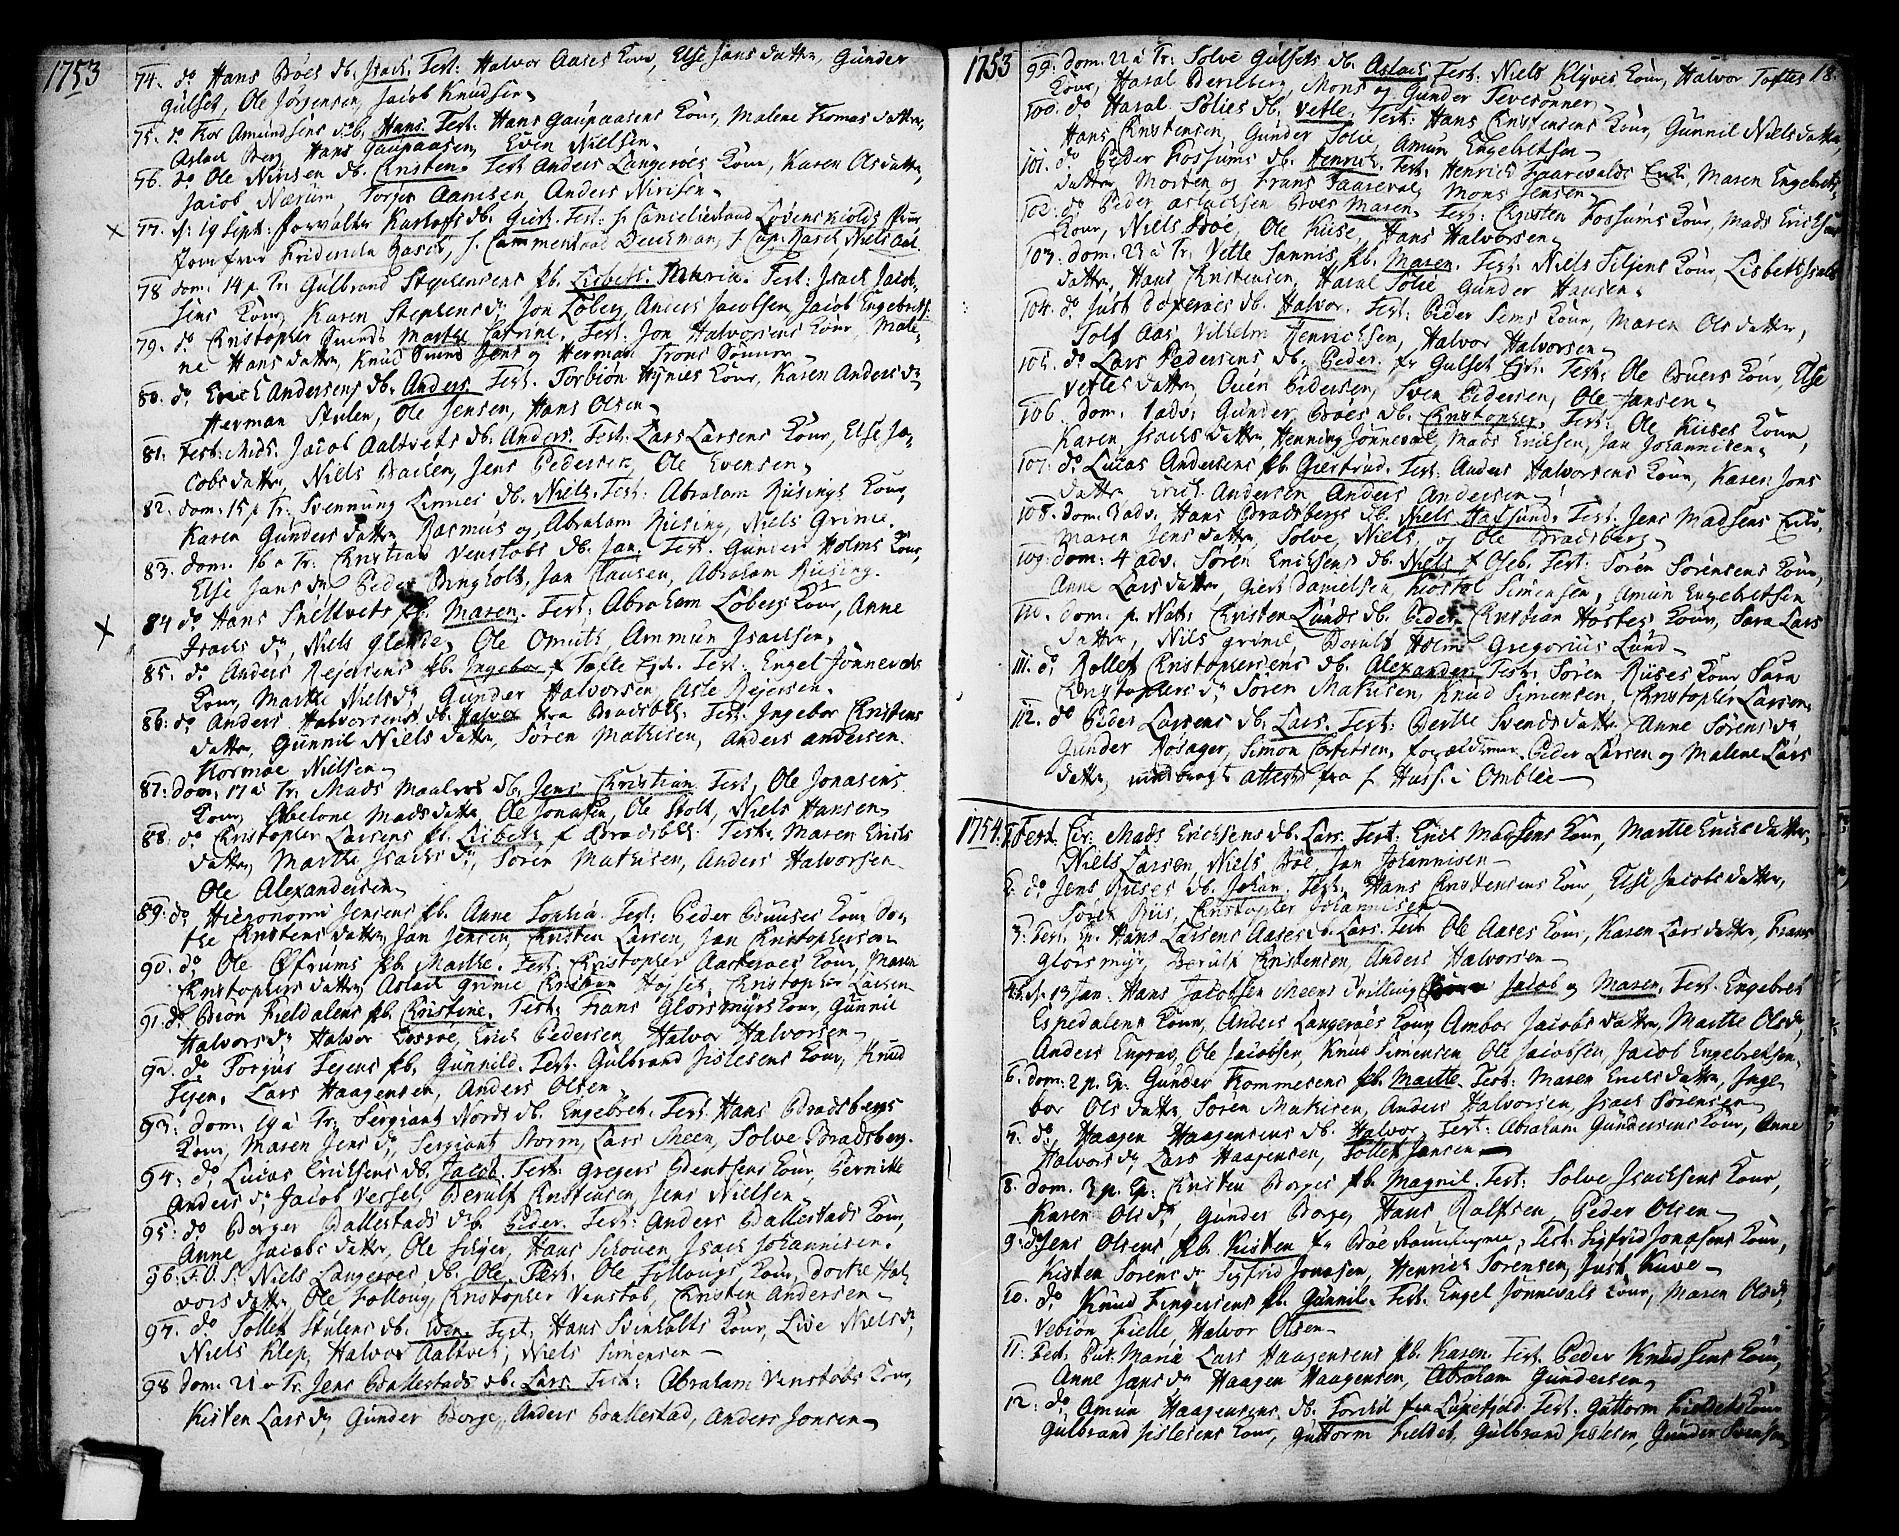 SAKO, Gjerpen kirkebøker, F/Fa/L0002: Ministerialbok nr. 2, 1747-1795, s. 18